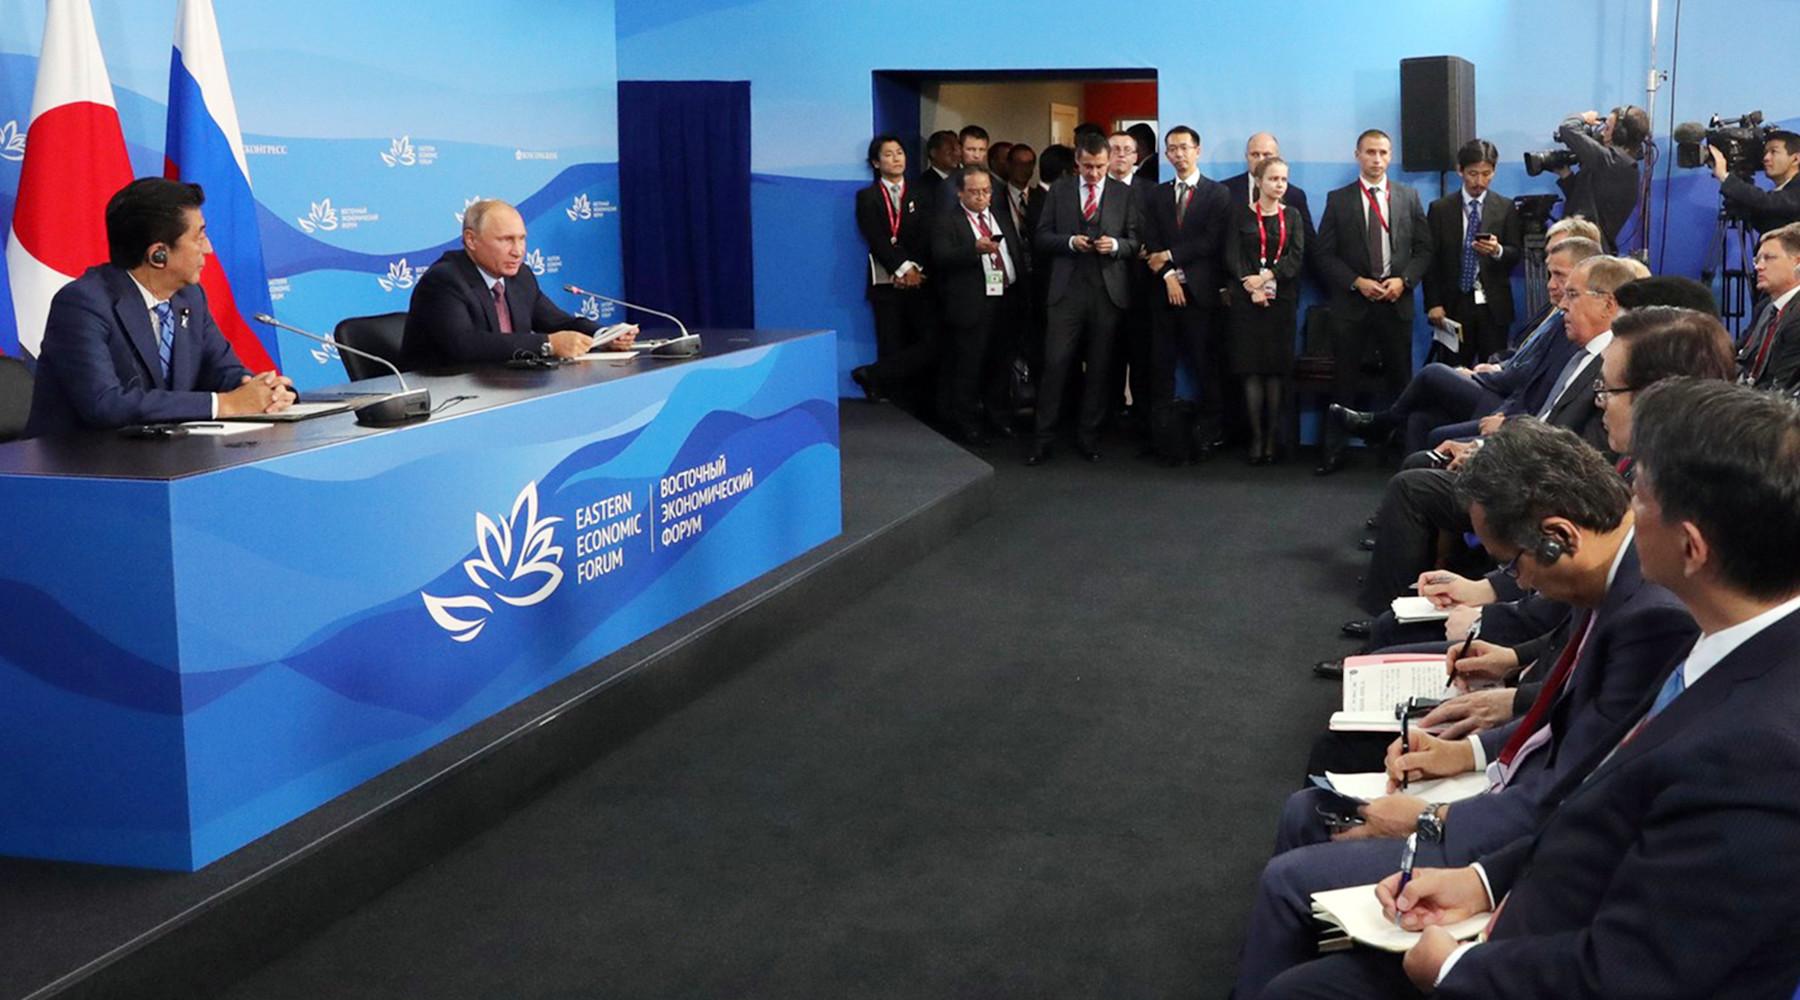 Картинки по запросу База для дискуссий: Россия и Япония вырабатывают новый подход к урегулированию споров и заключению мирного договора